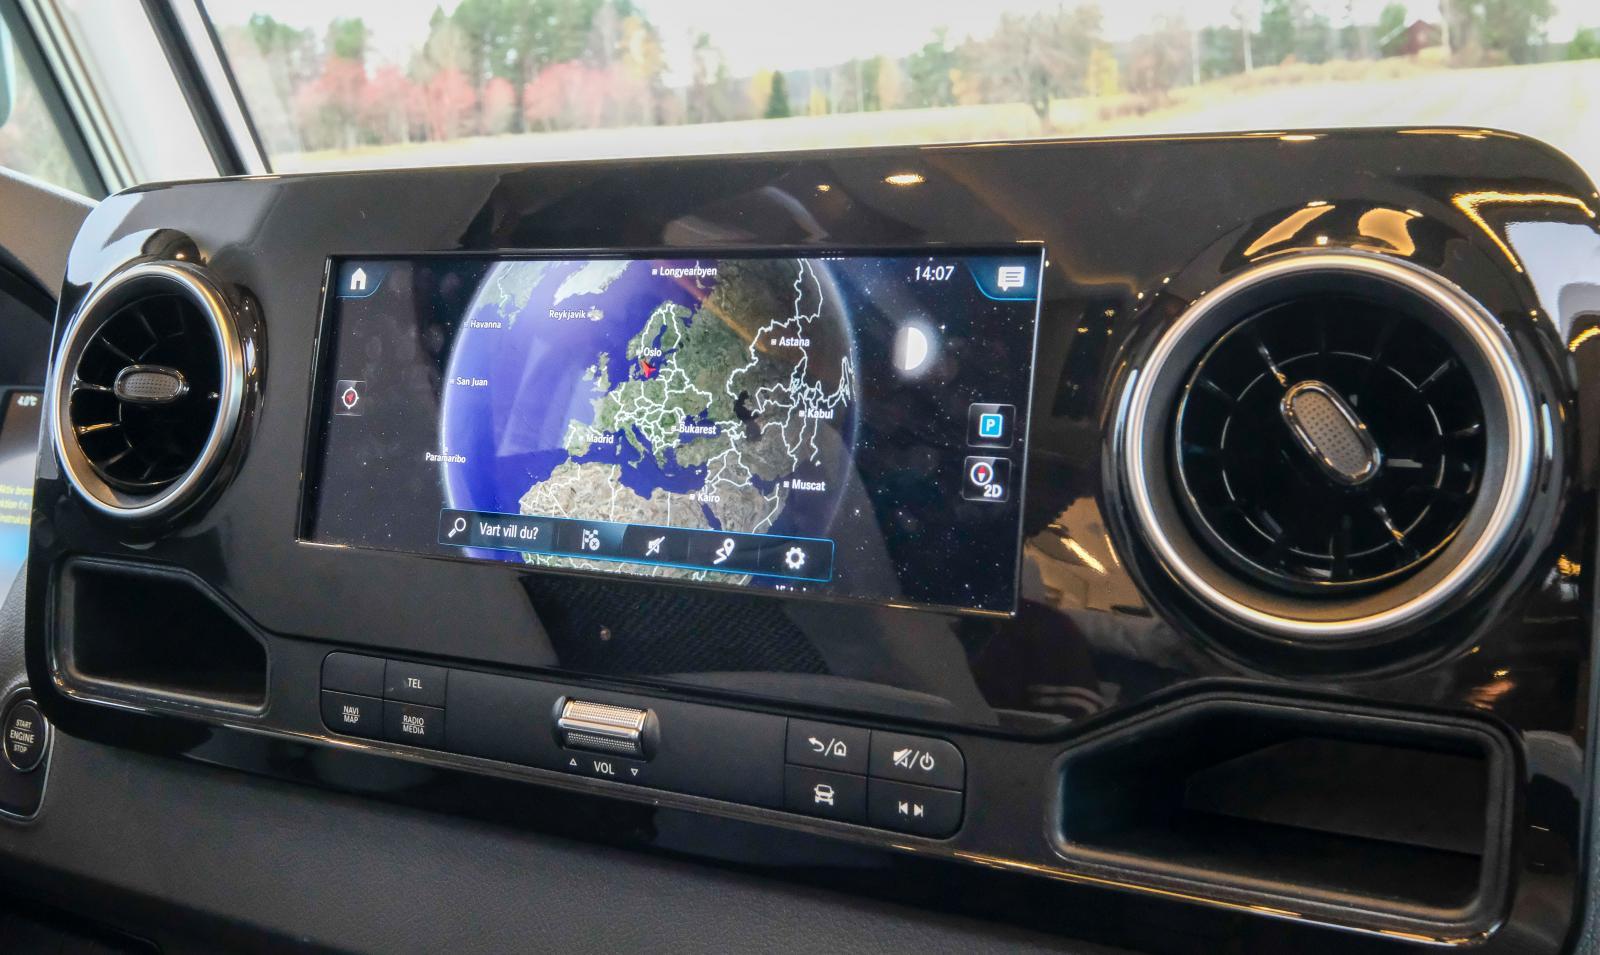 Mercedes fullständiga infotainment med navigering, backkamera och andra smarta funktioner ingår.